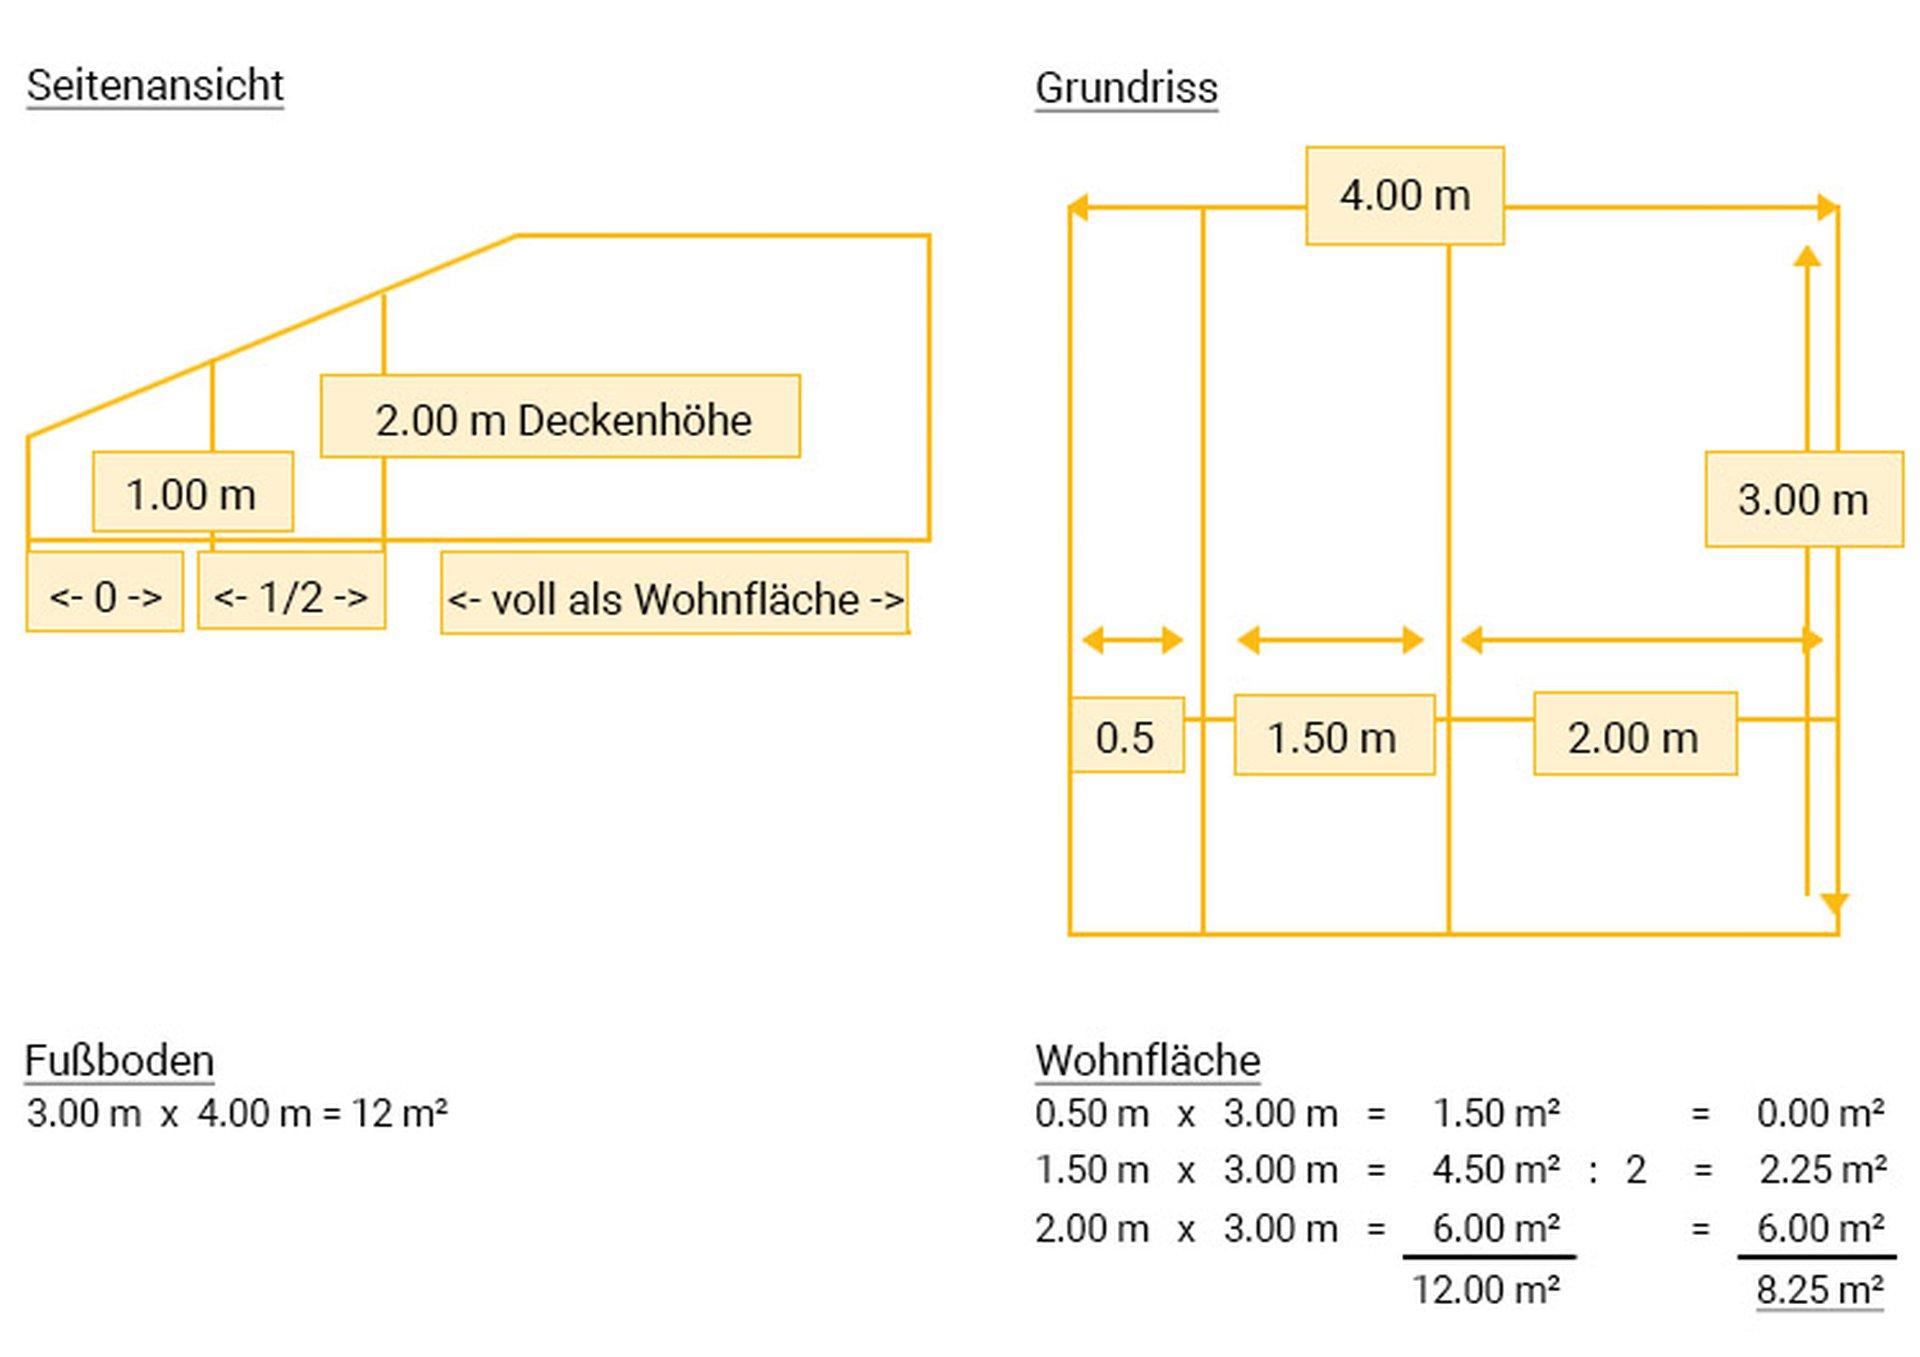 wohnflaechenberechnung-grafik